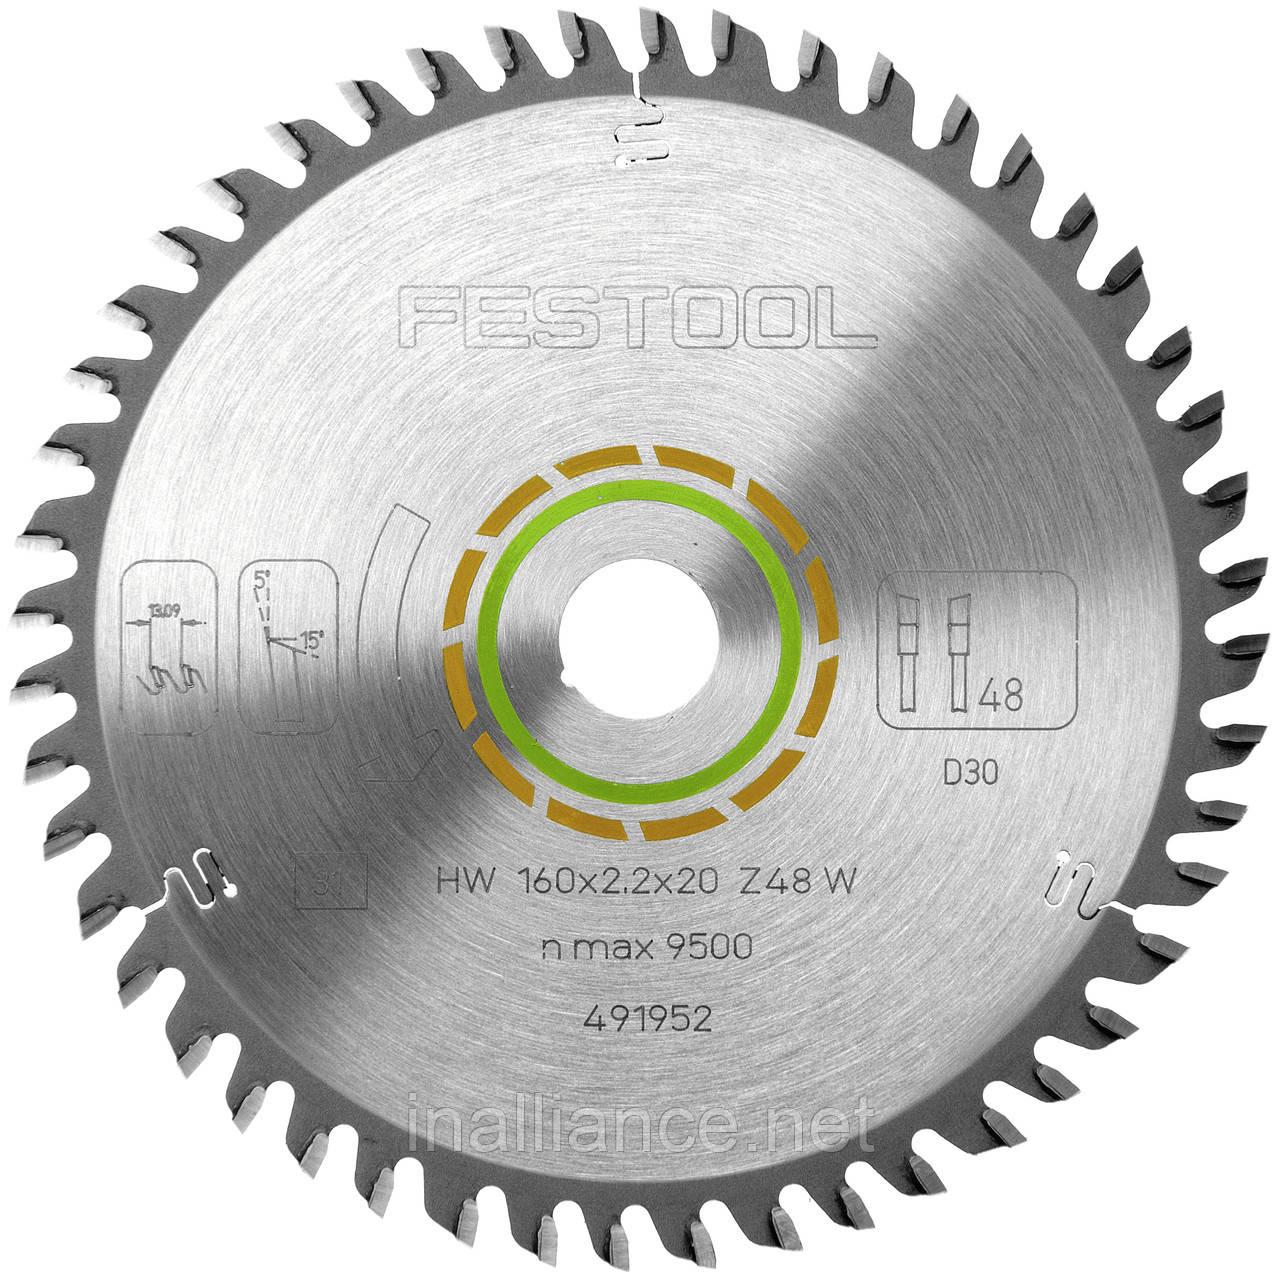 Пильный диск универсальныйс разведенными зубьями 160 х 20 х 2,2 мм W 48 Festool 491952